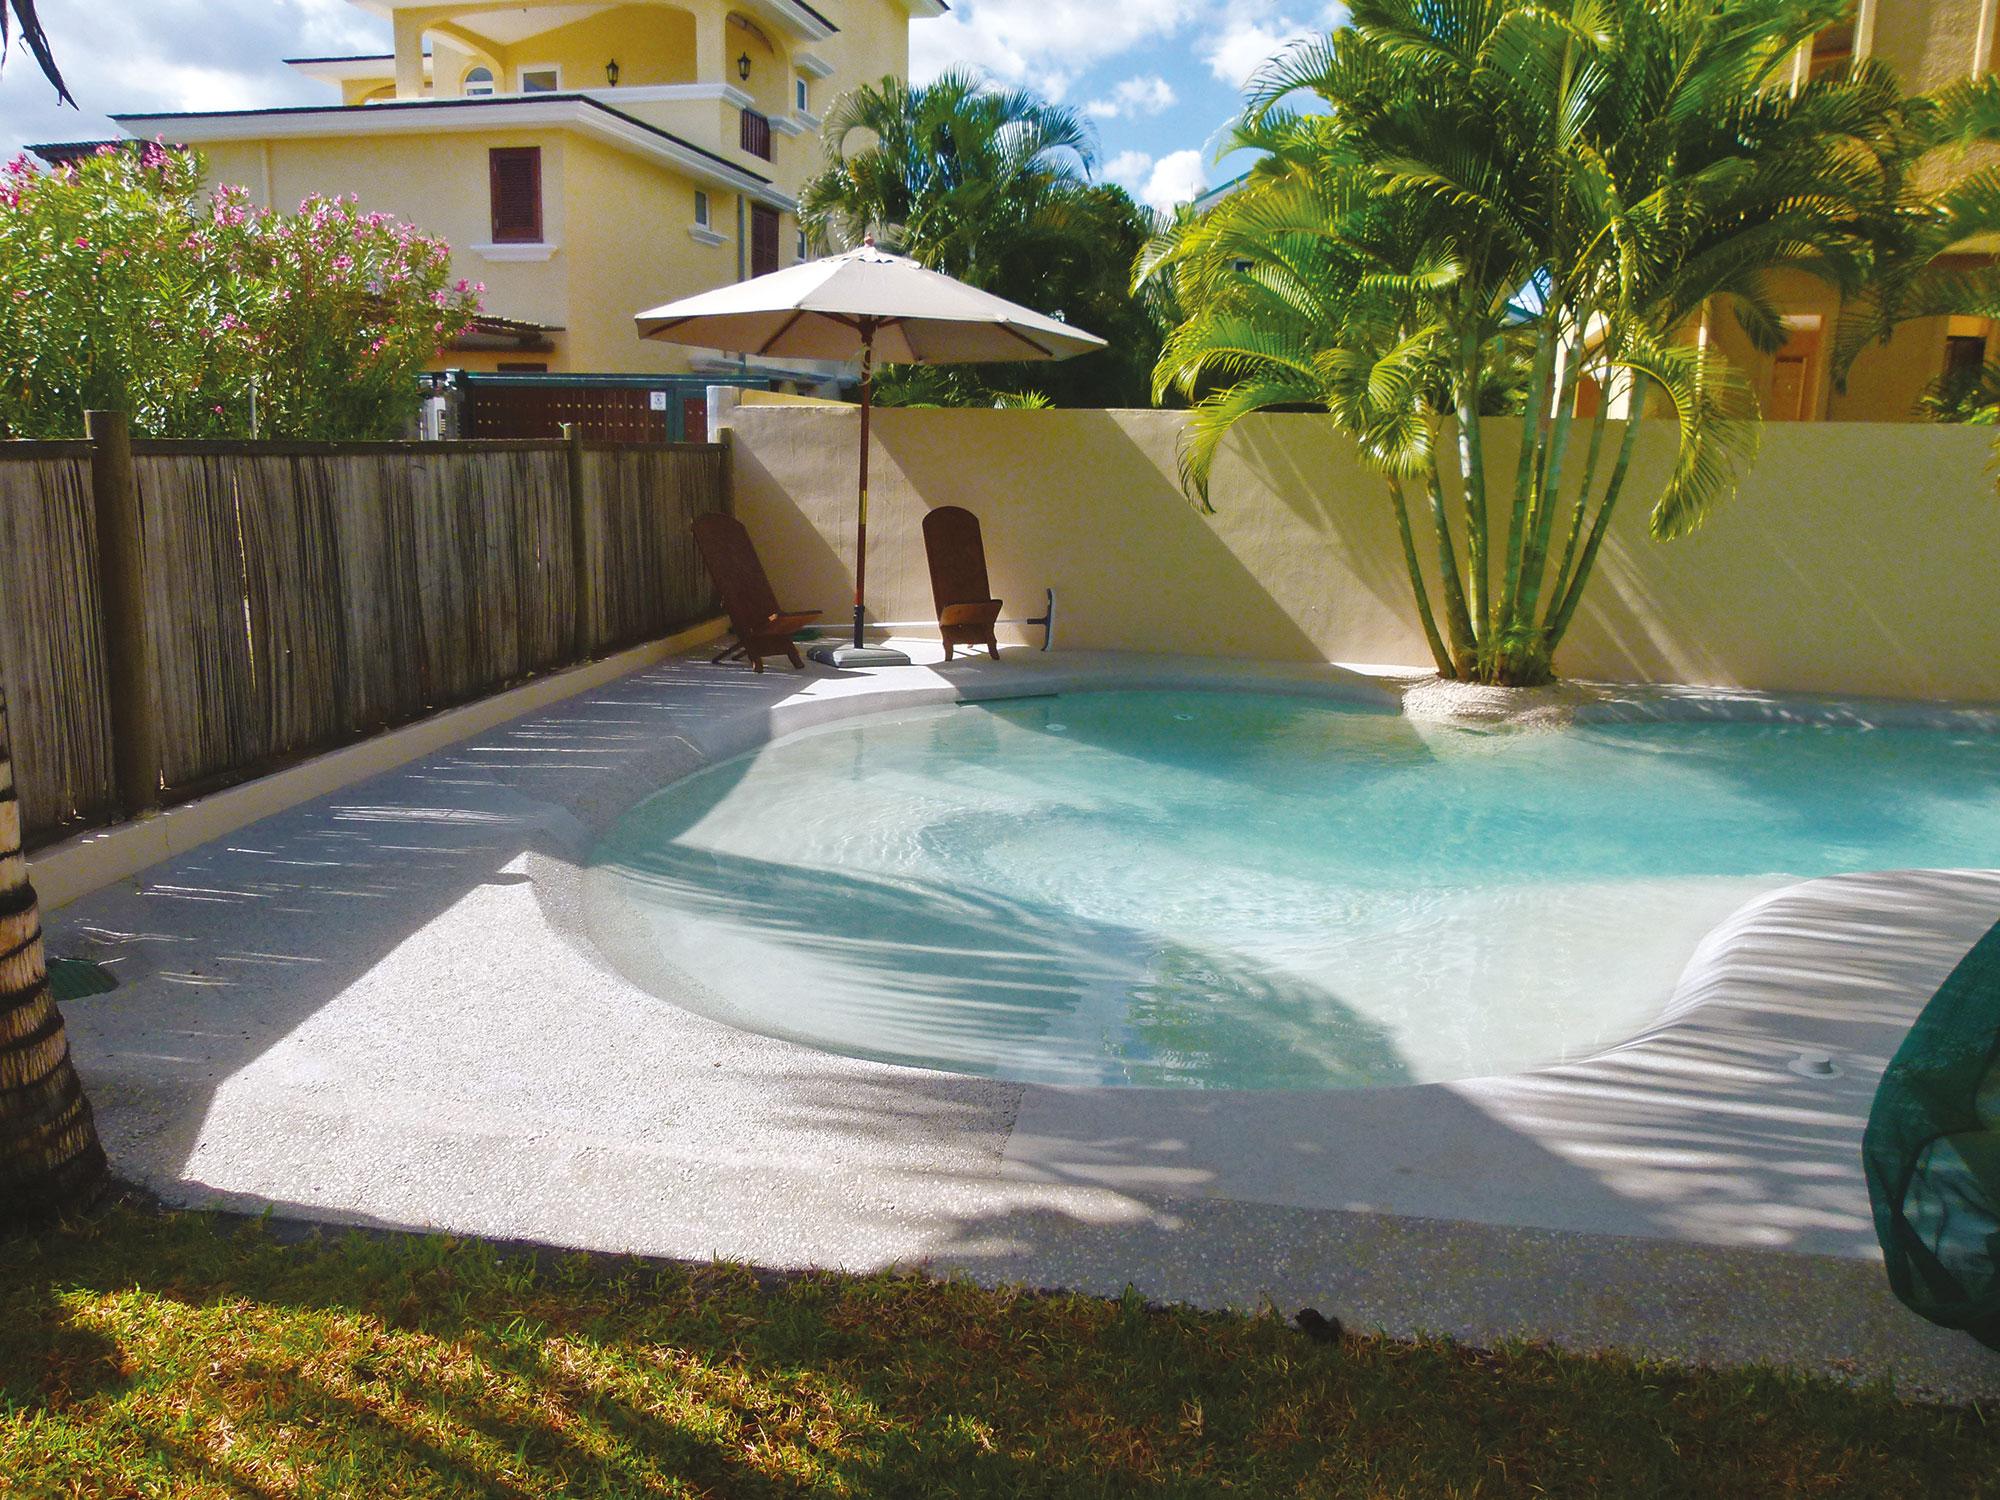 Una inversi n segura piscine bio design - Biodesign piscine ...